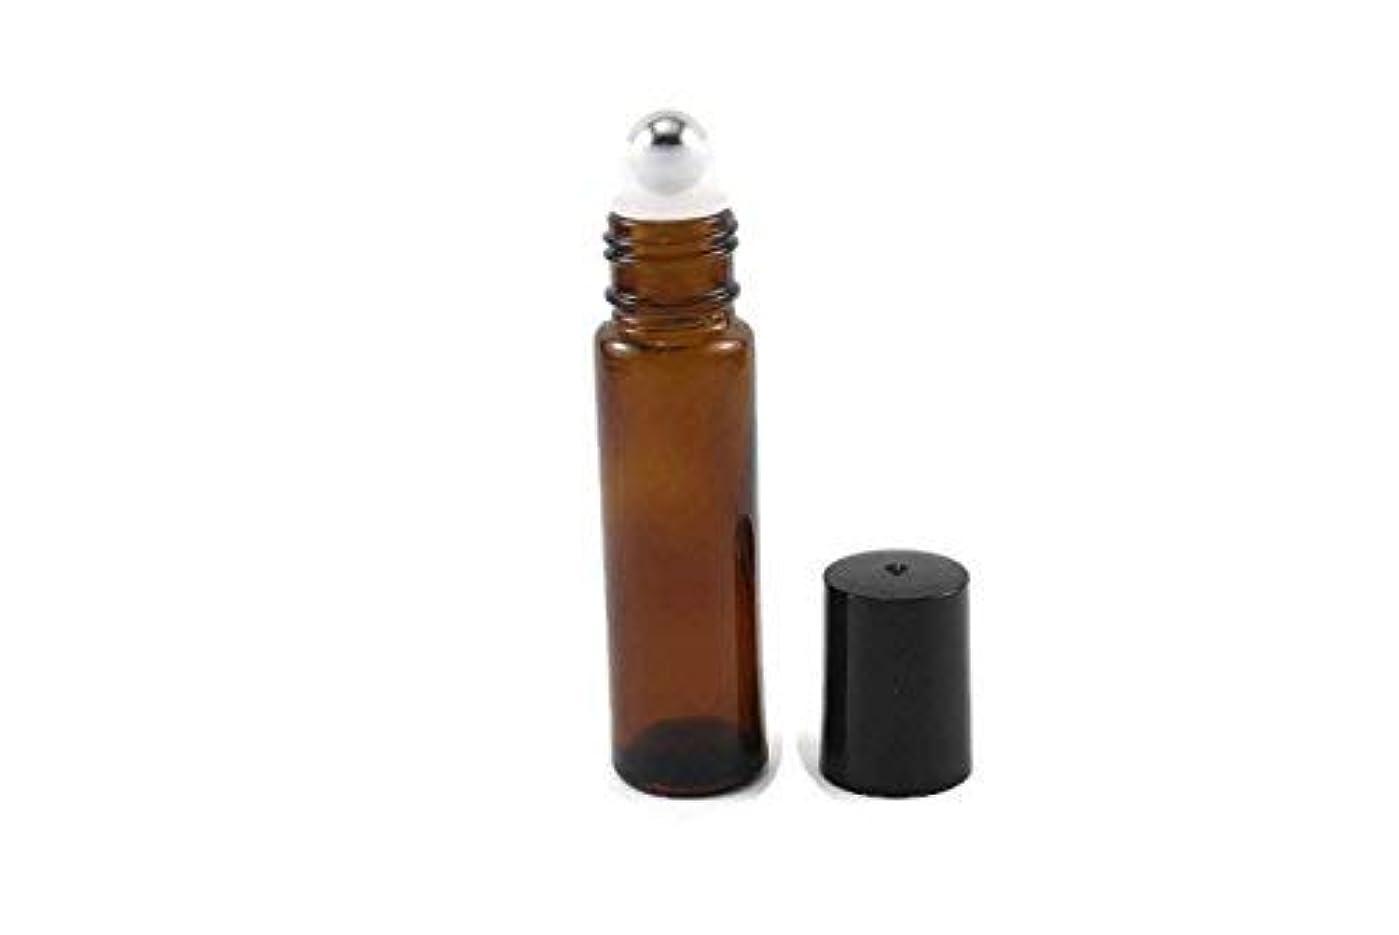 皿西表現144-10ml Amber Glass Roll On Thick Bottles (144) with Stainless Steel Roller Balls - Refillable Aromatherapy Essential...